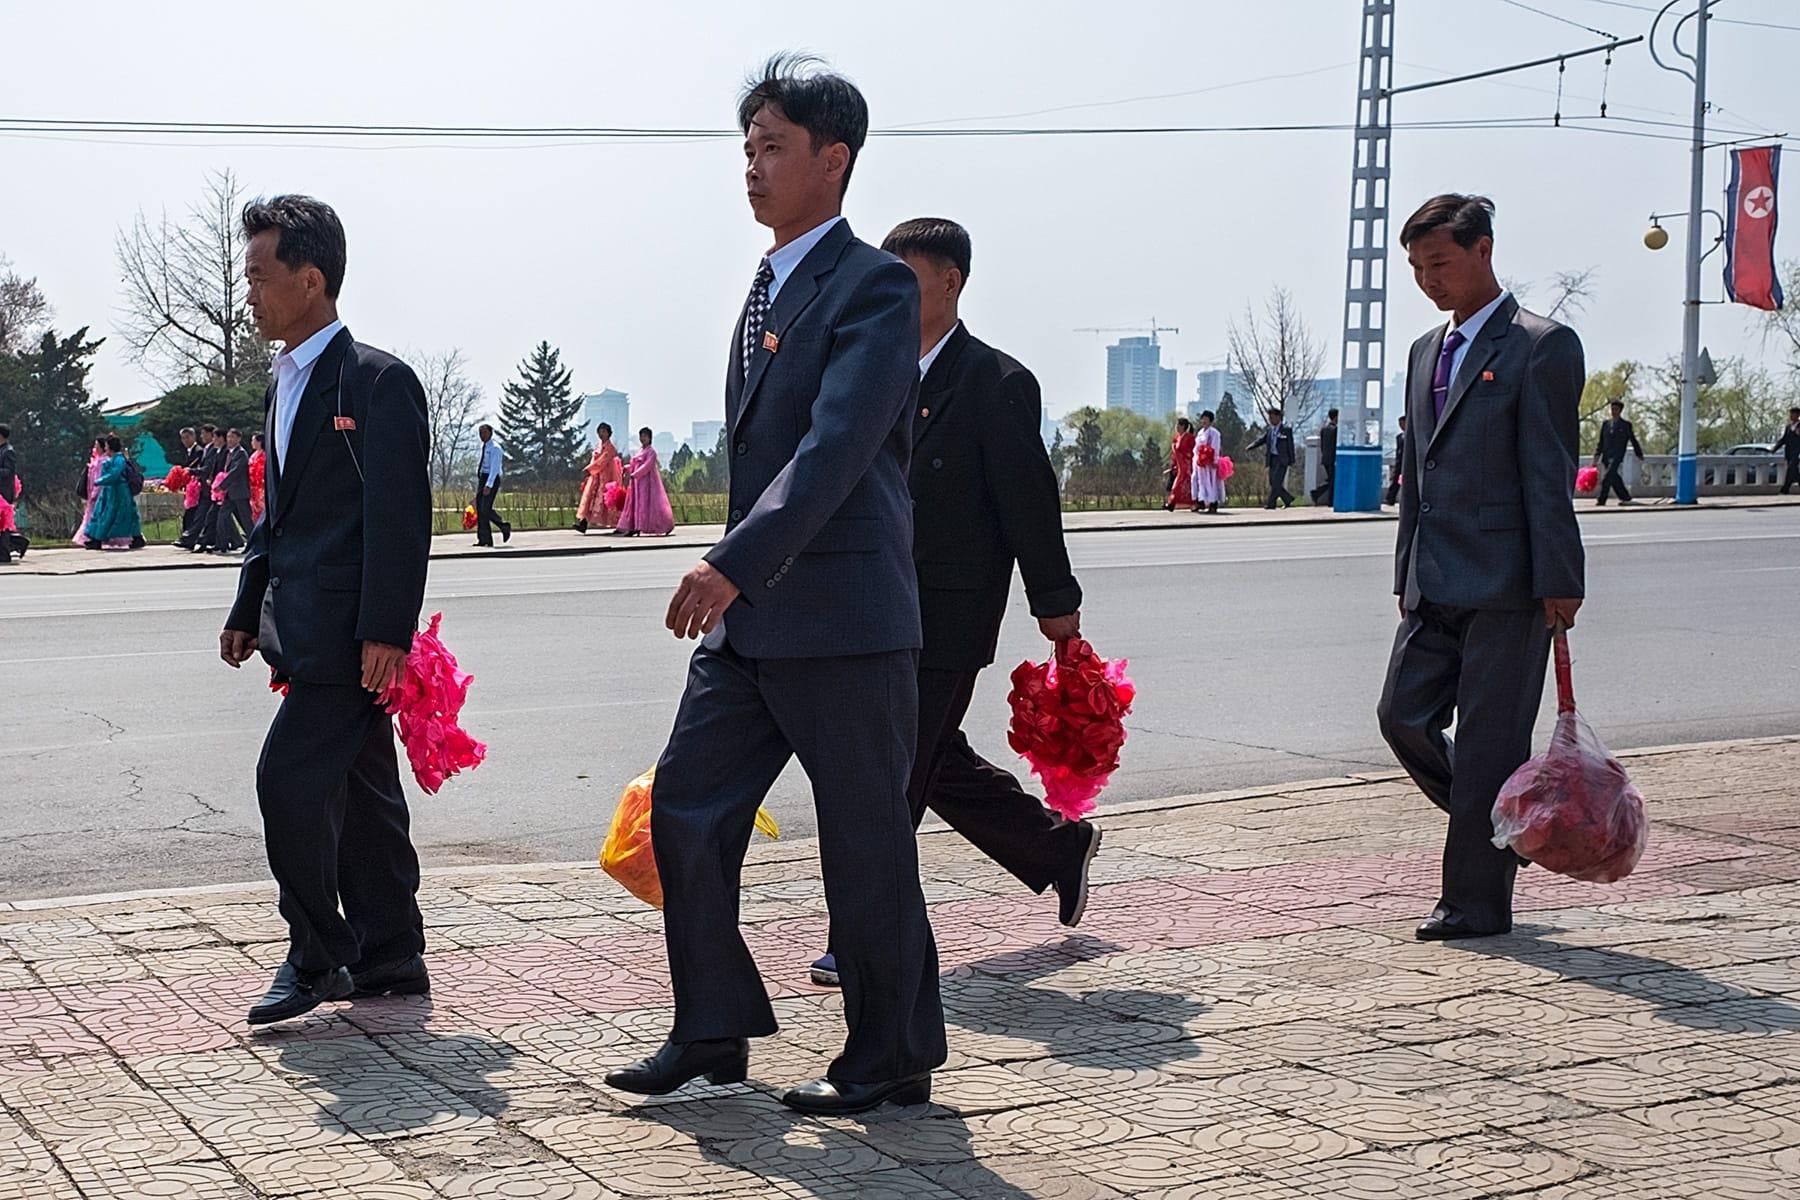 Vorübergehende Menschen mit roten Puscheln in der Hand